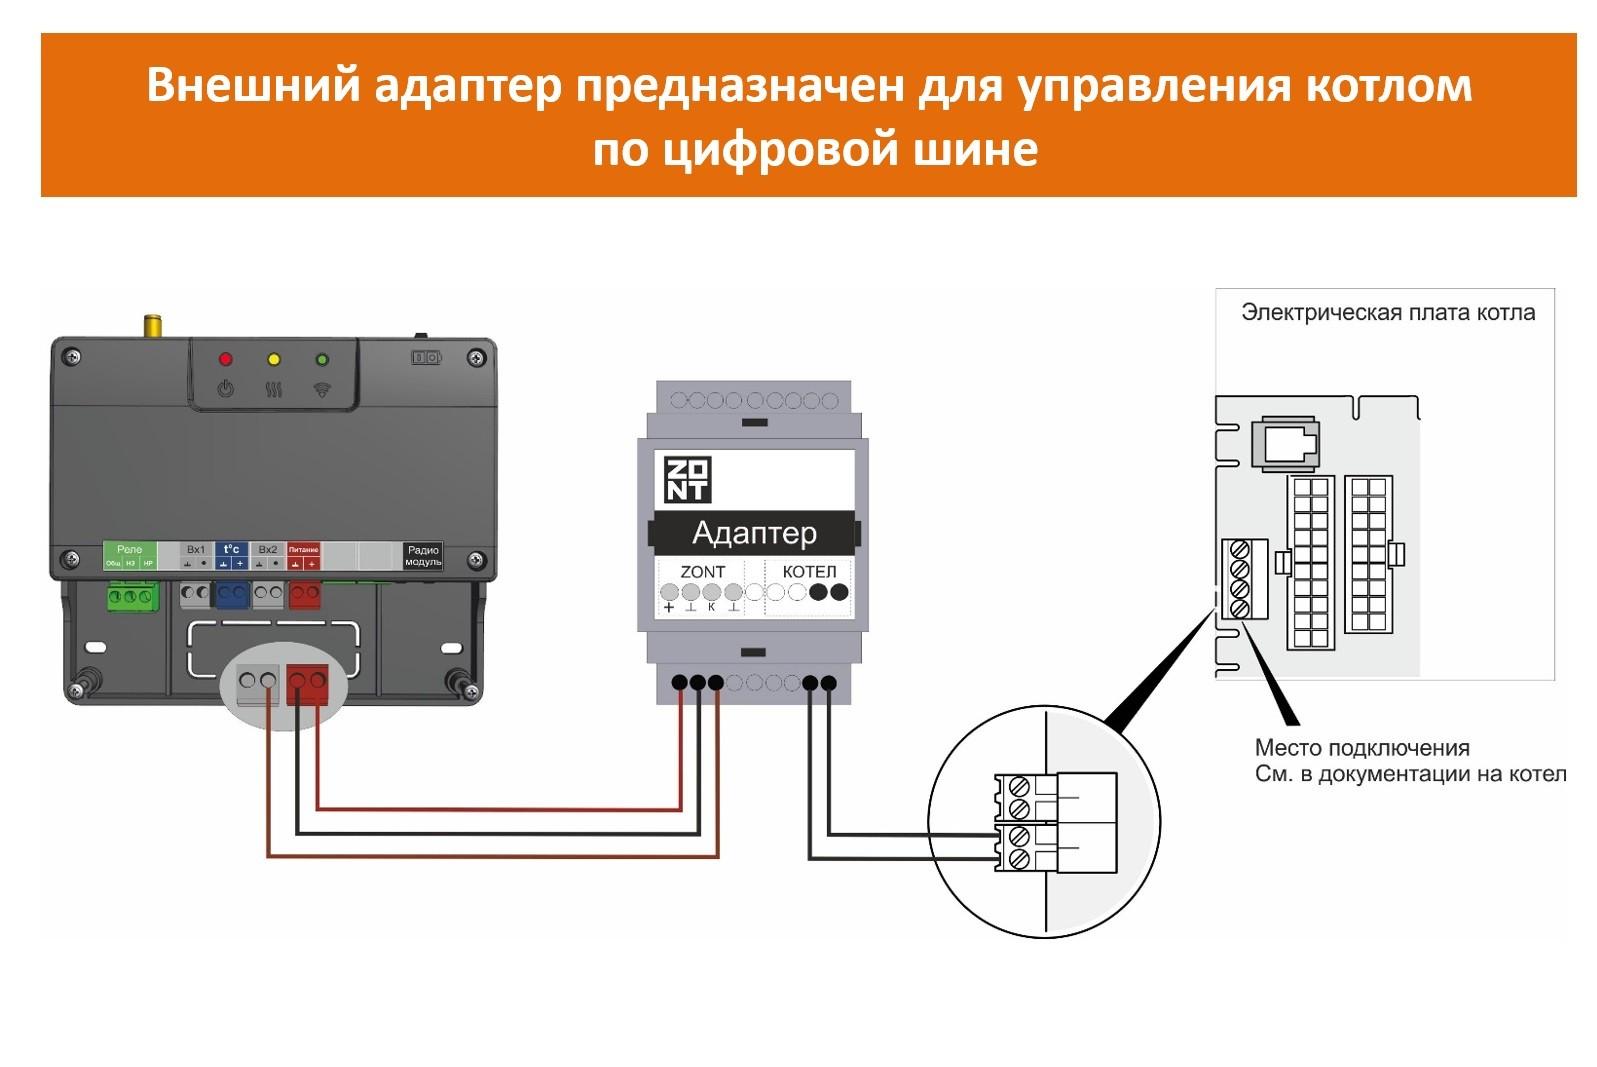 Как подключить термостат к котлу